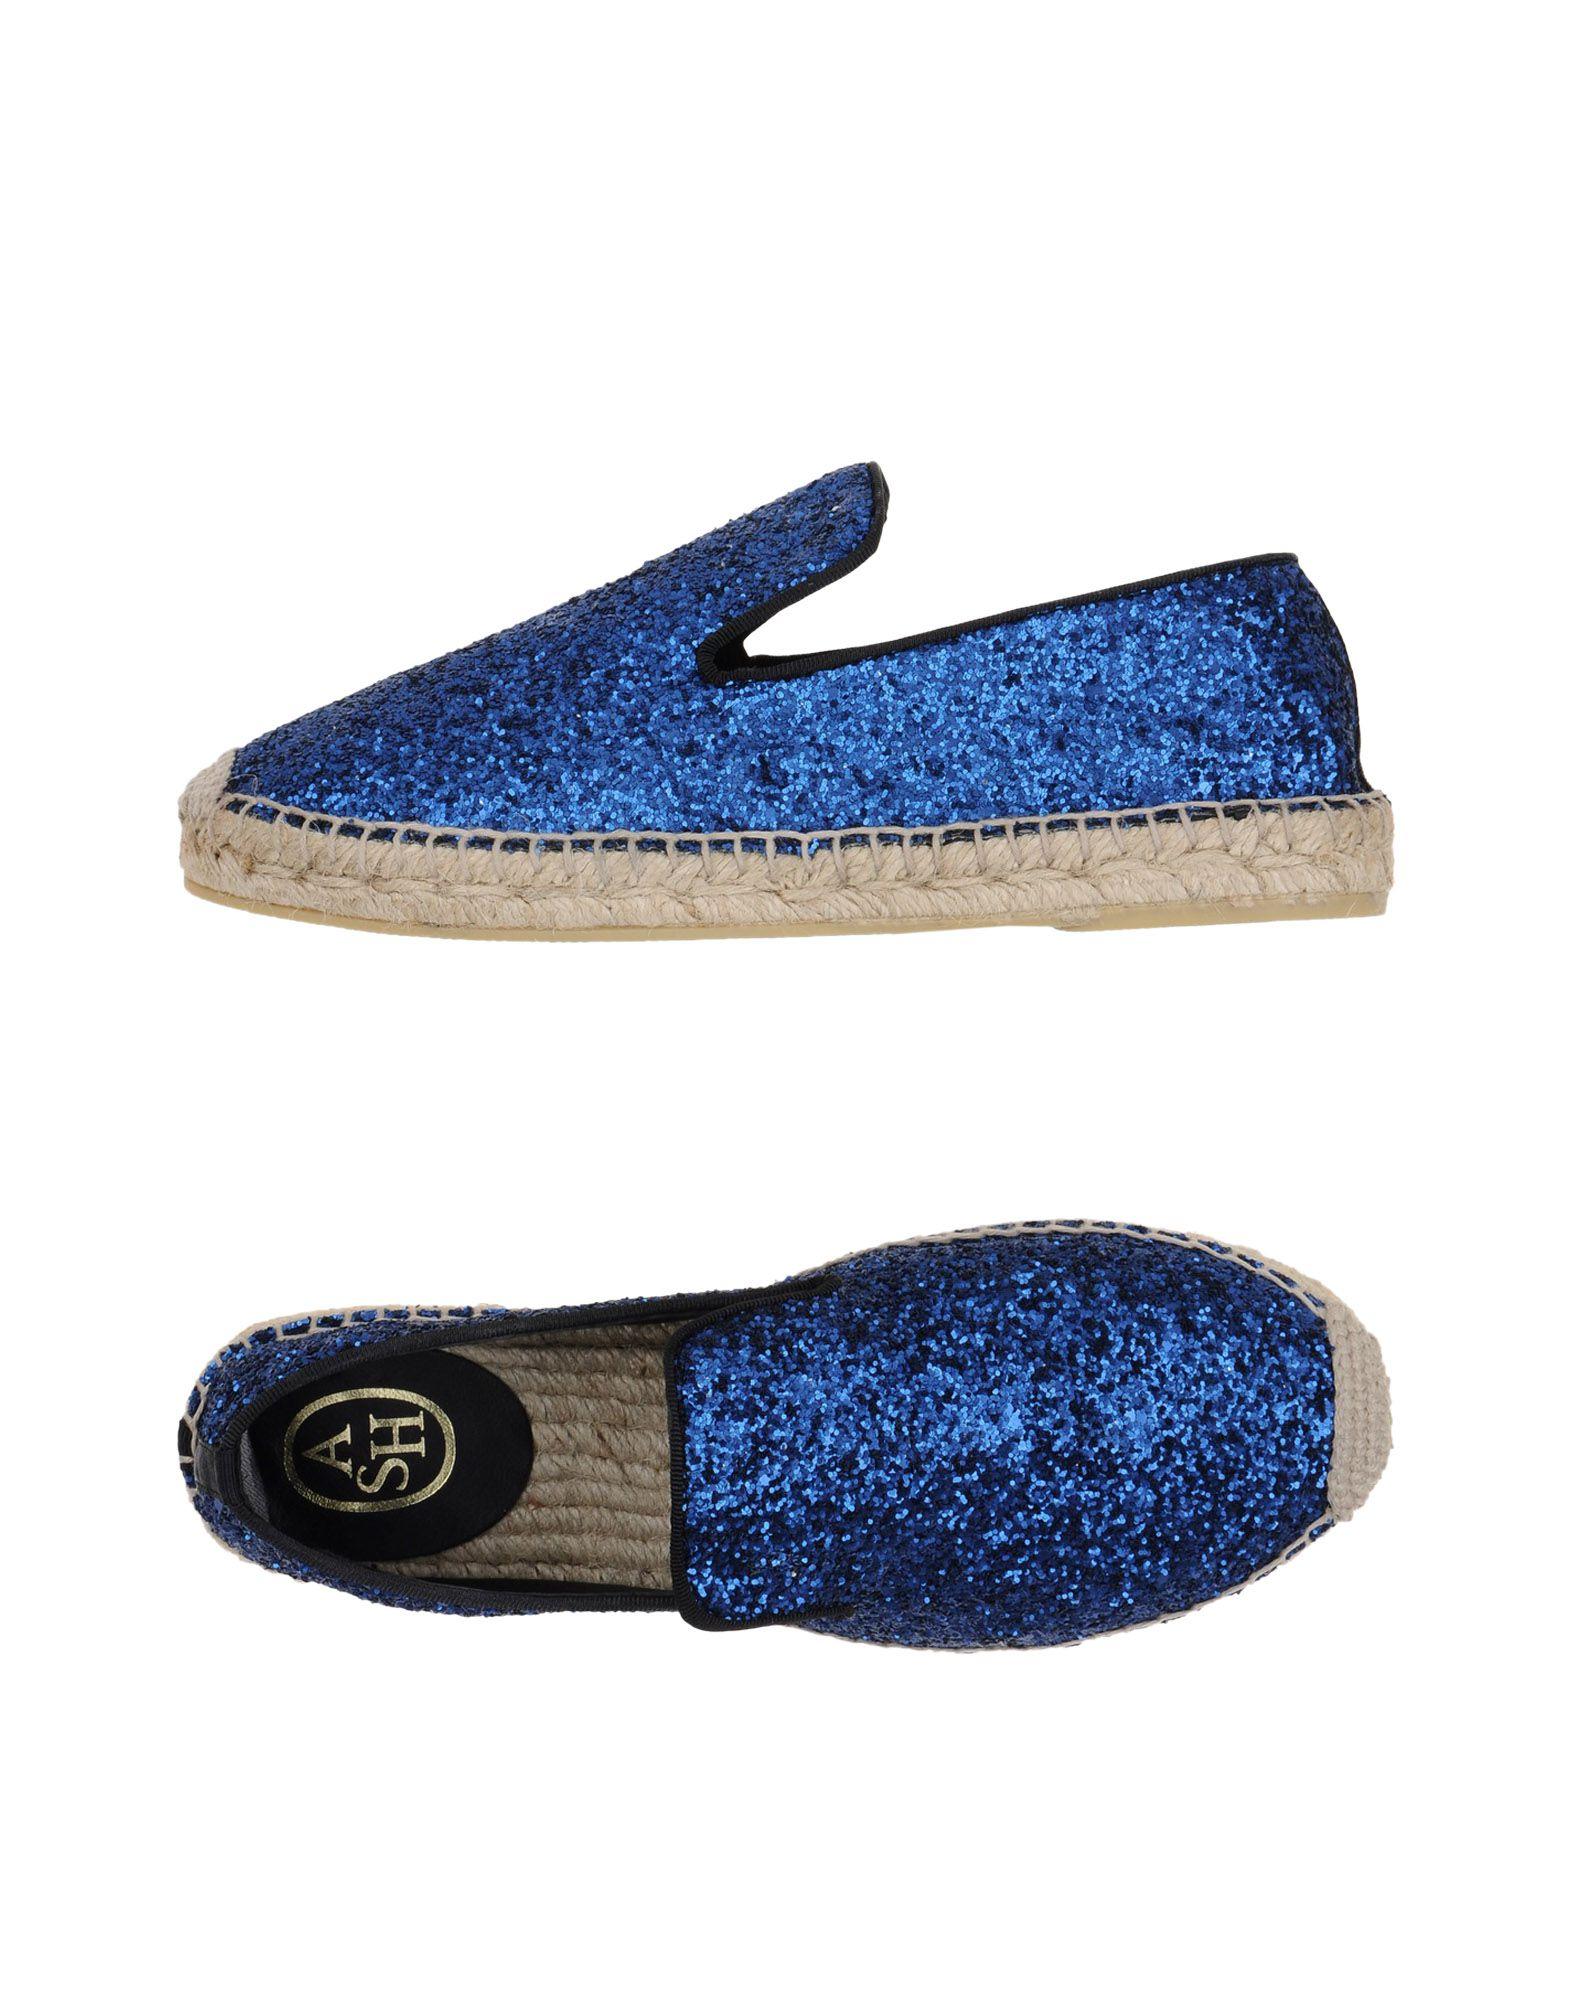 Ash Espadrilles Damen  44953483FJ beliebte Gute Qualität beliebte 44953483FJ Schuhe 390daa